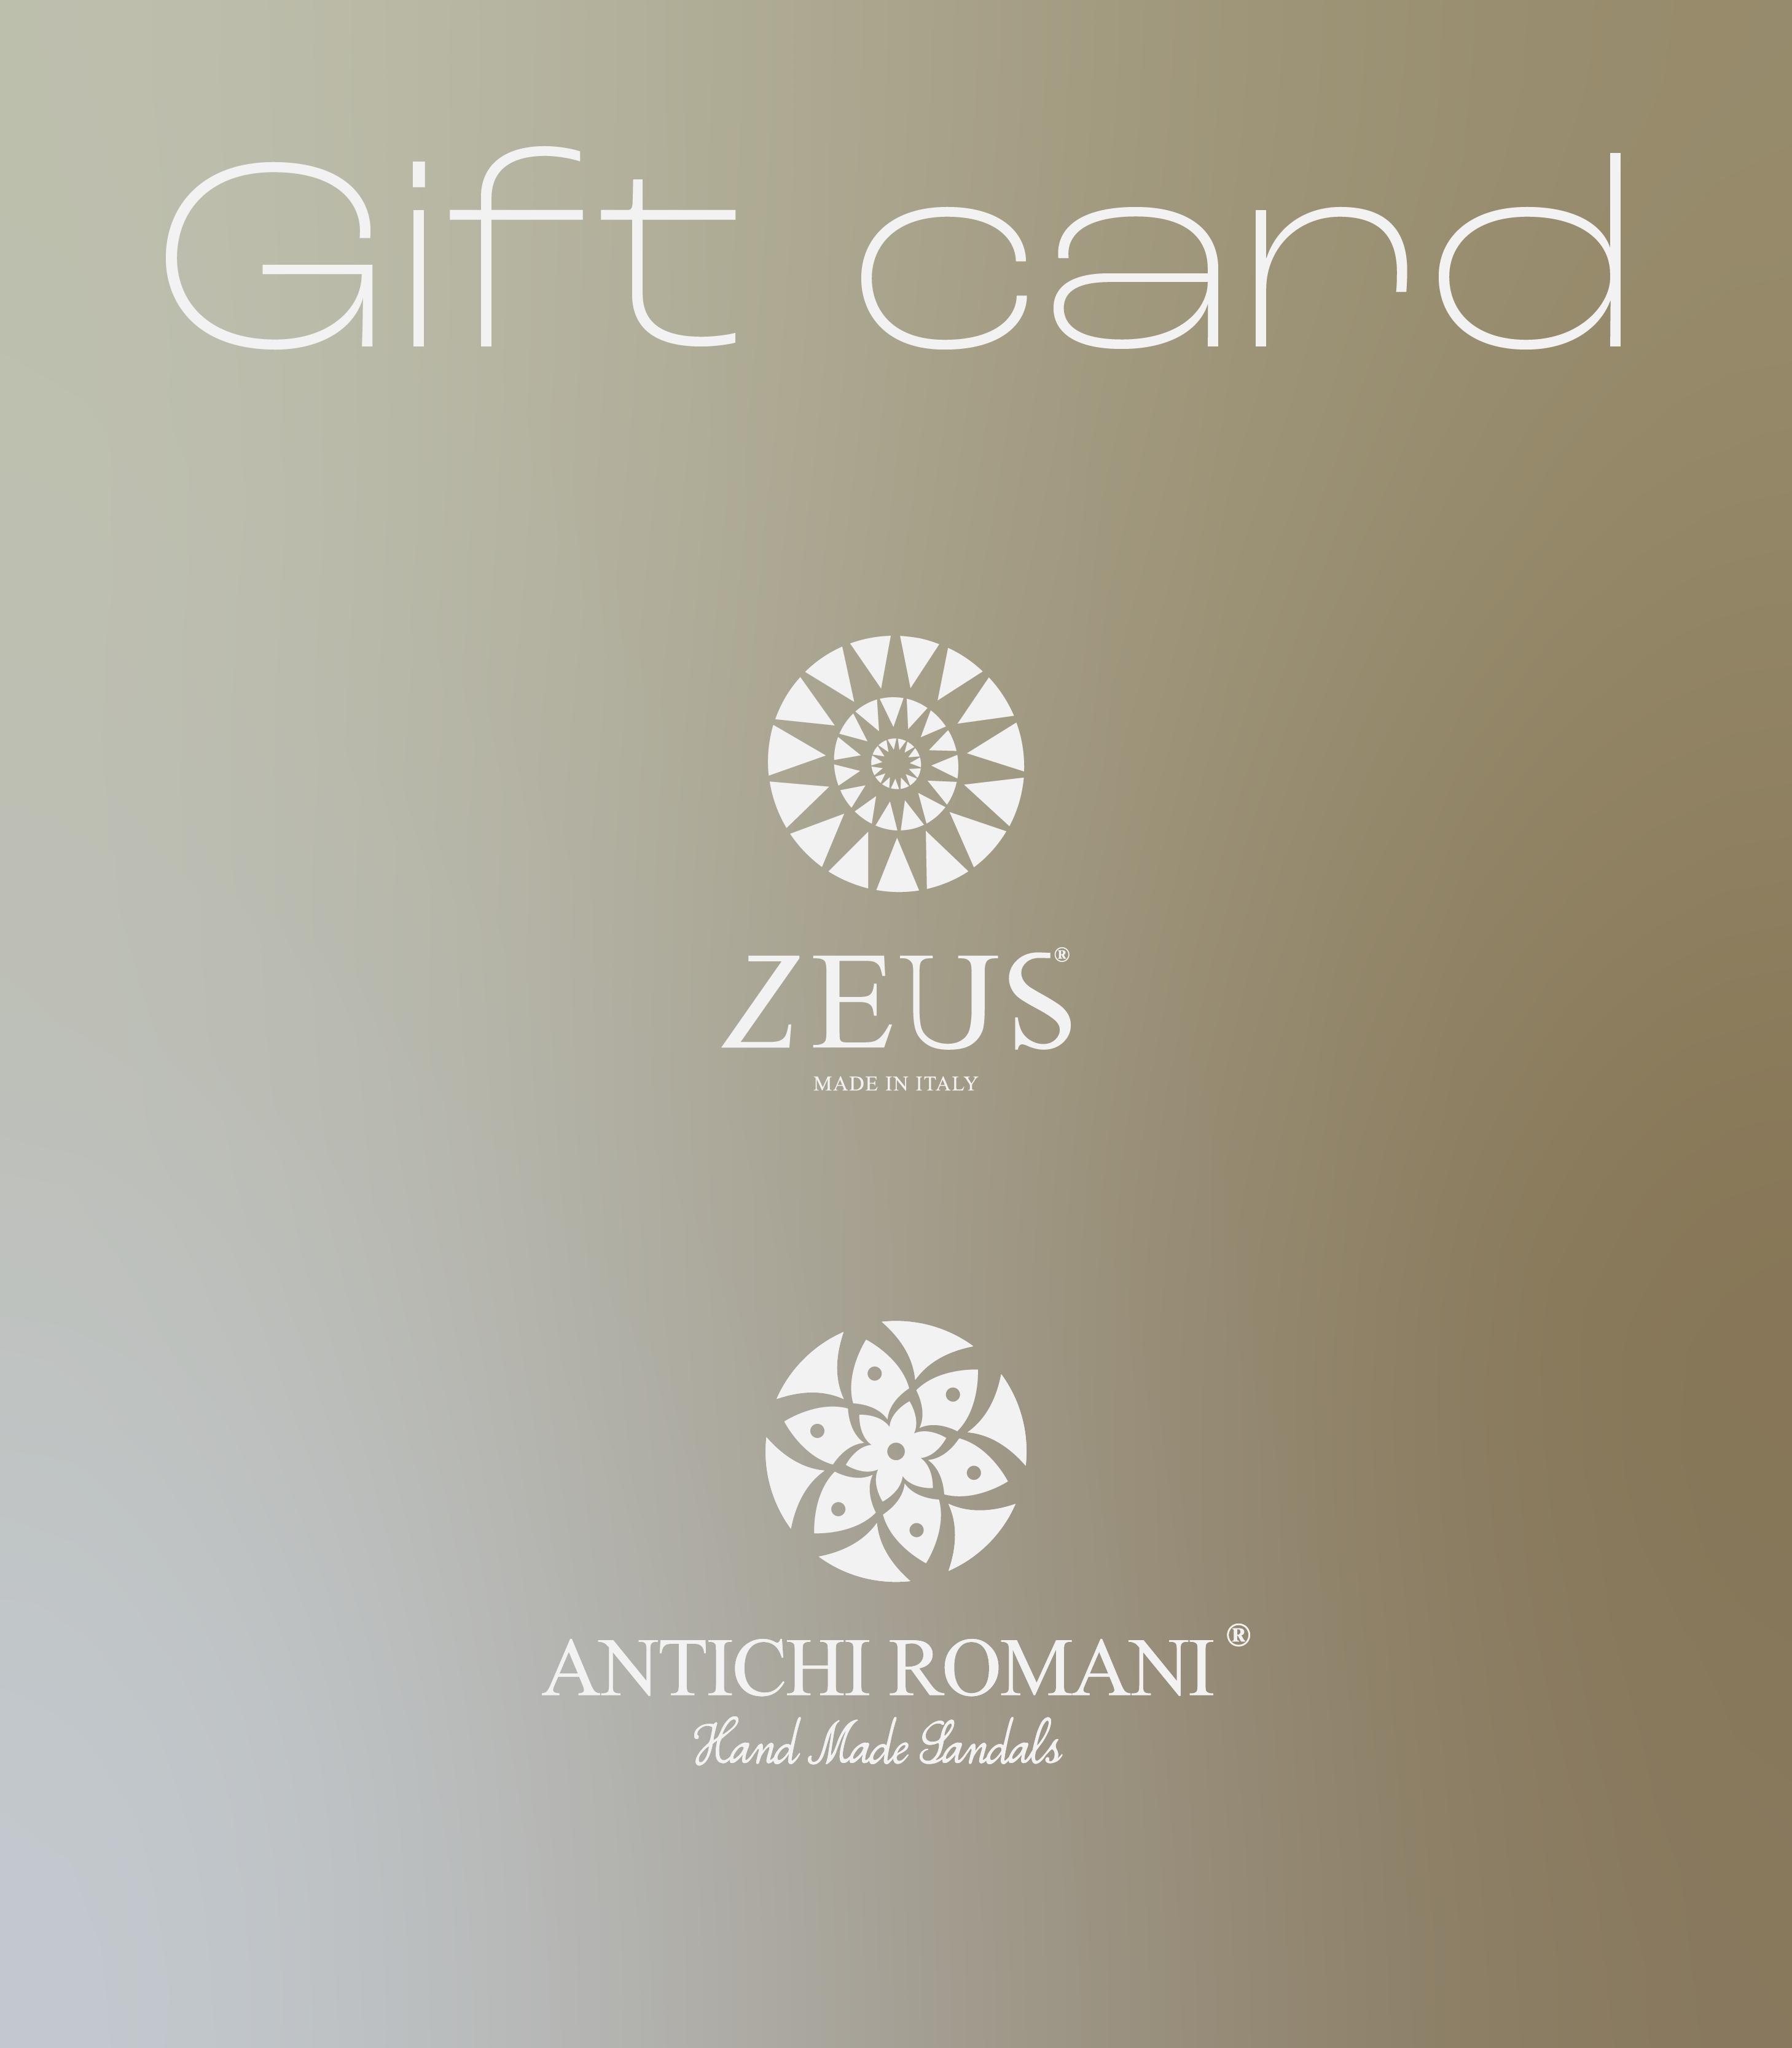 zeusandals-giftcard